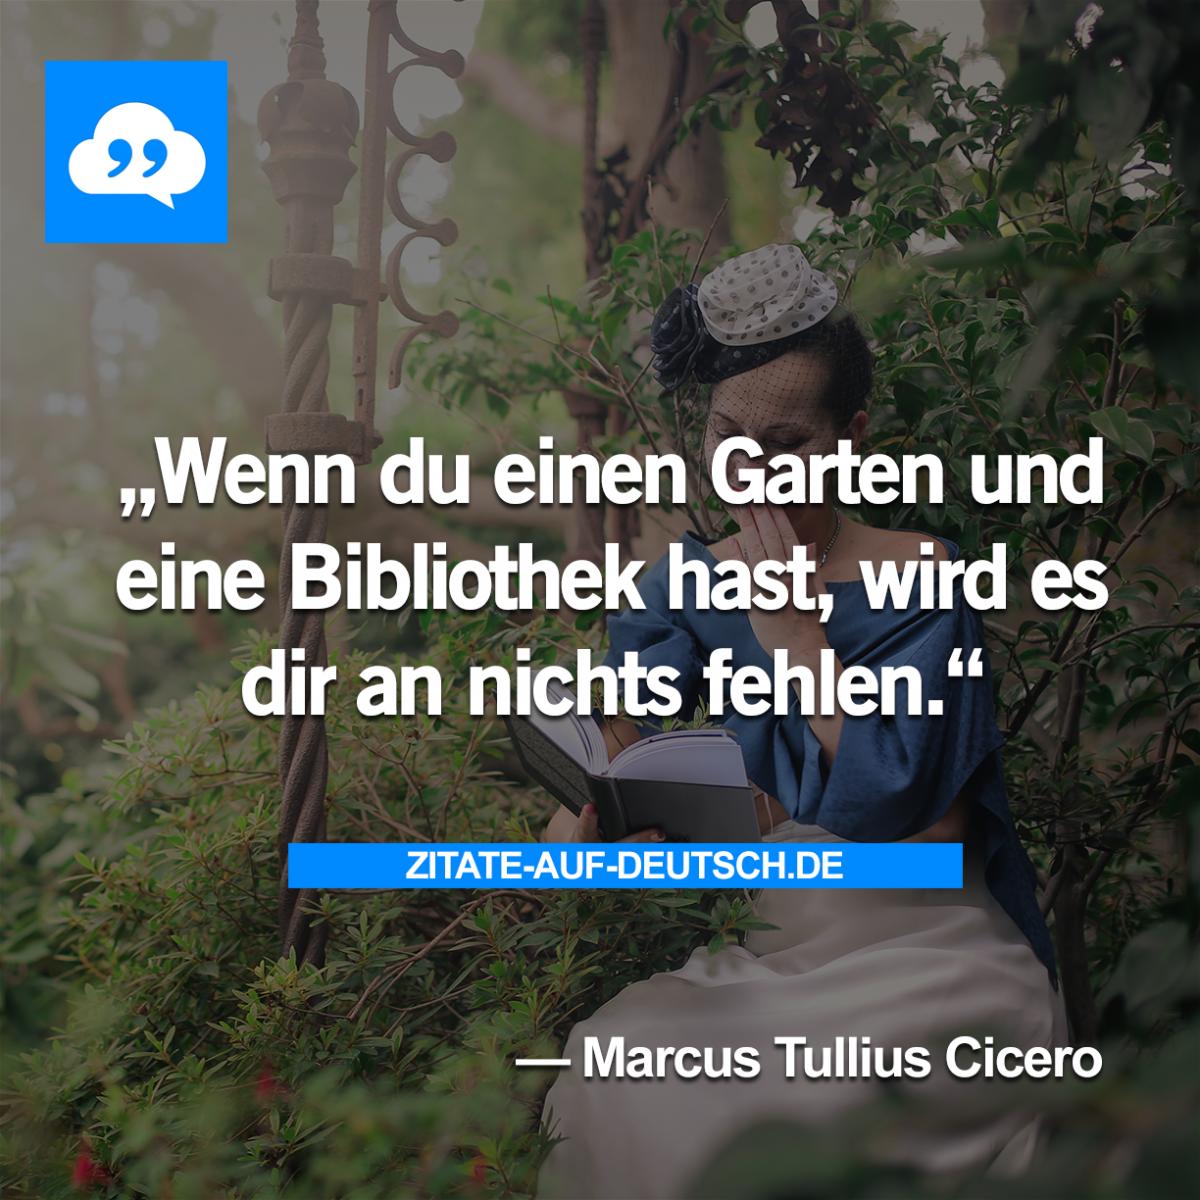 Fresh  Bibliothek Garten Spruch Spr che Zitat